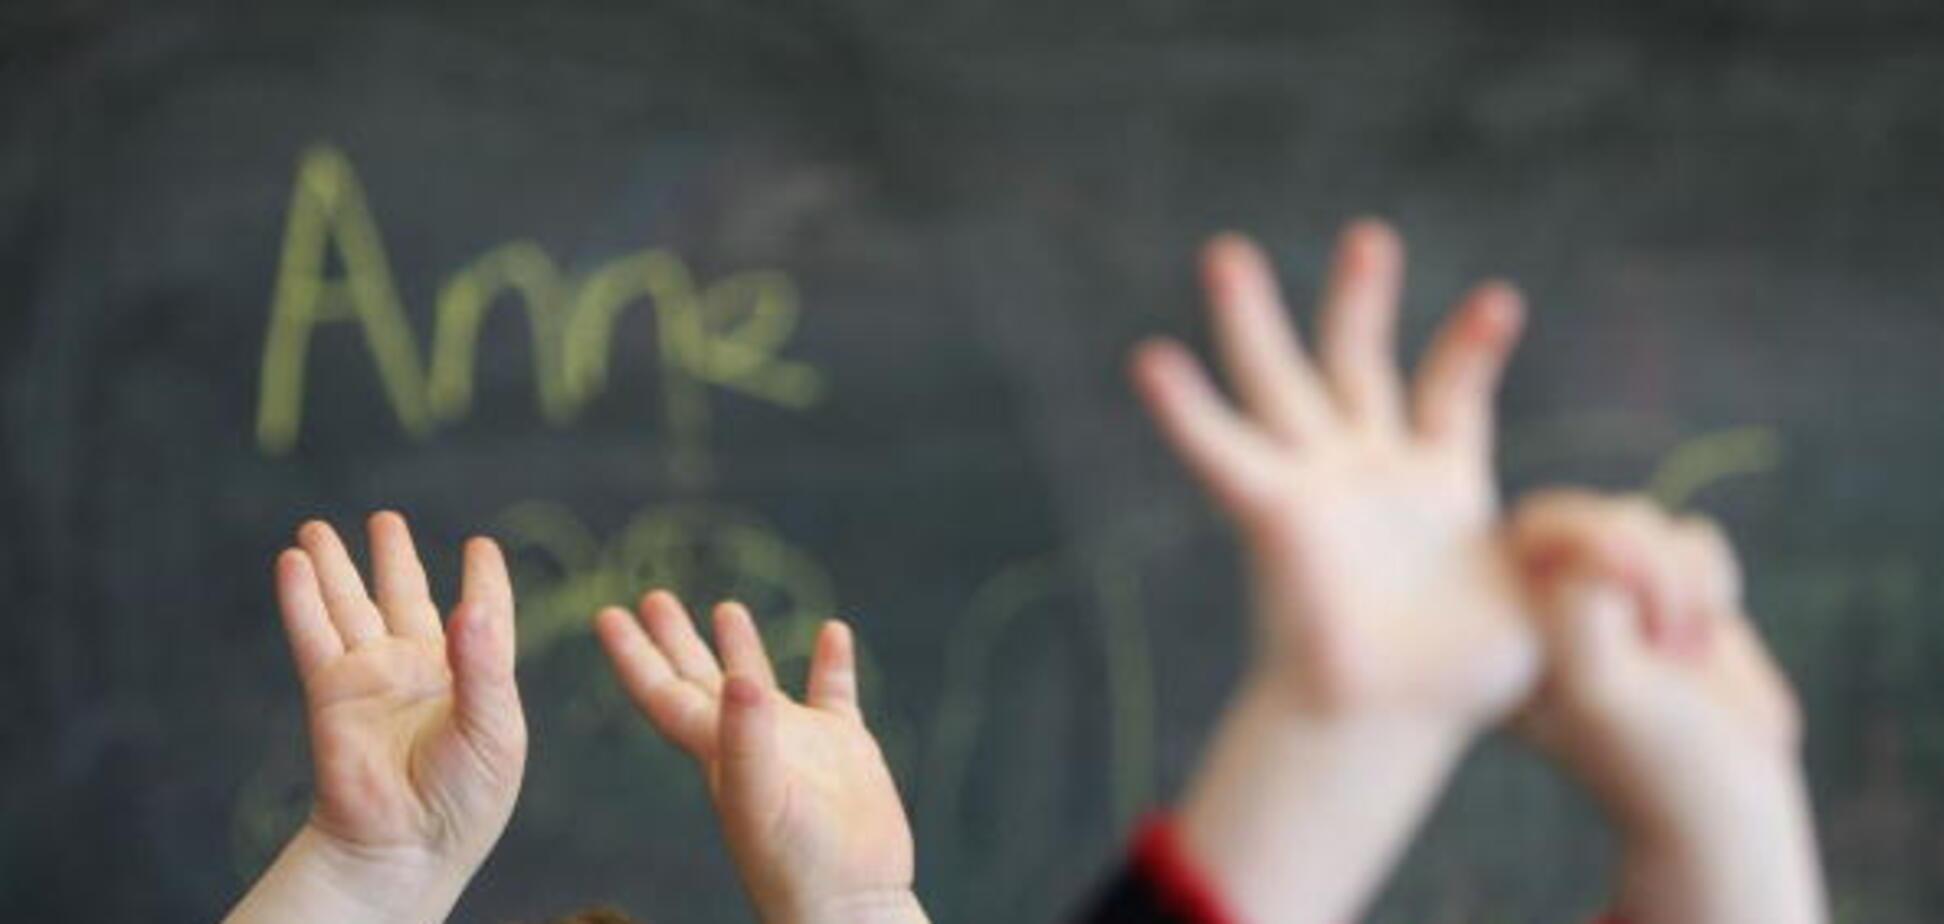 Час здавати гроші: психолог розповіла, як уникнути цькування у школі